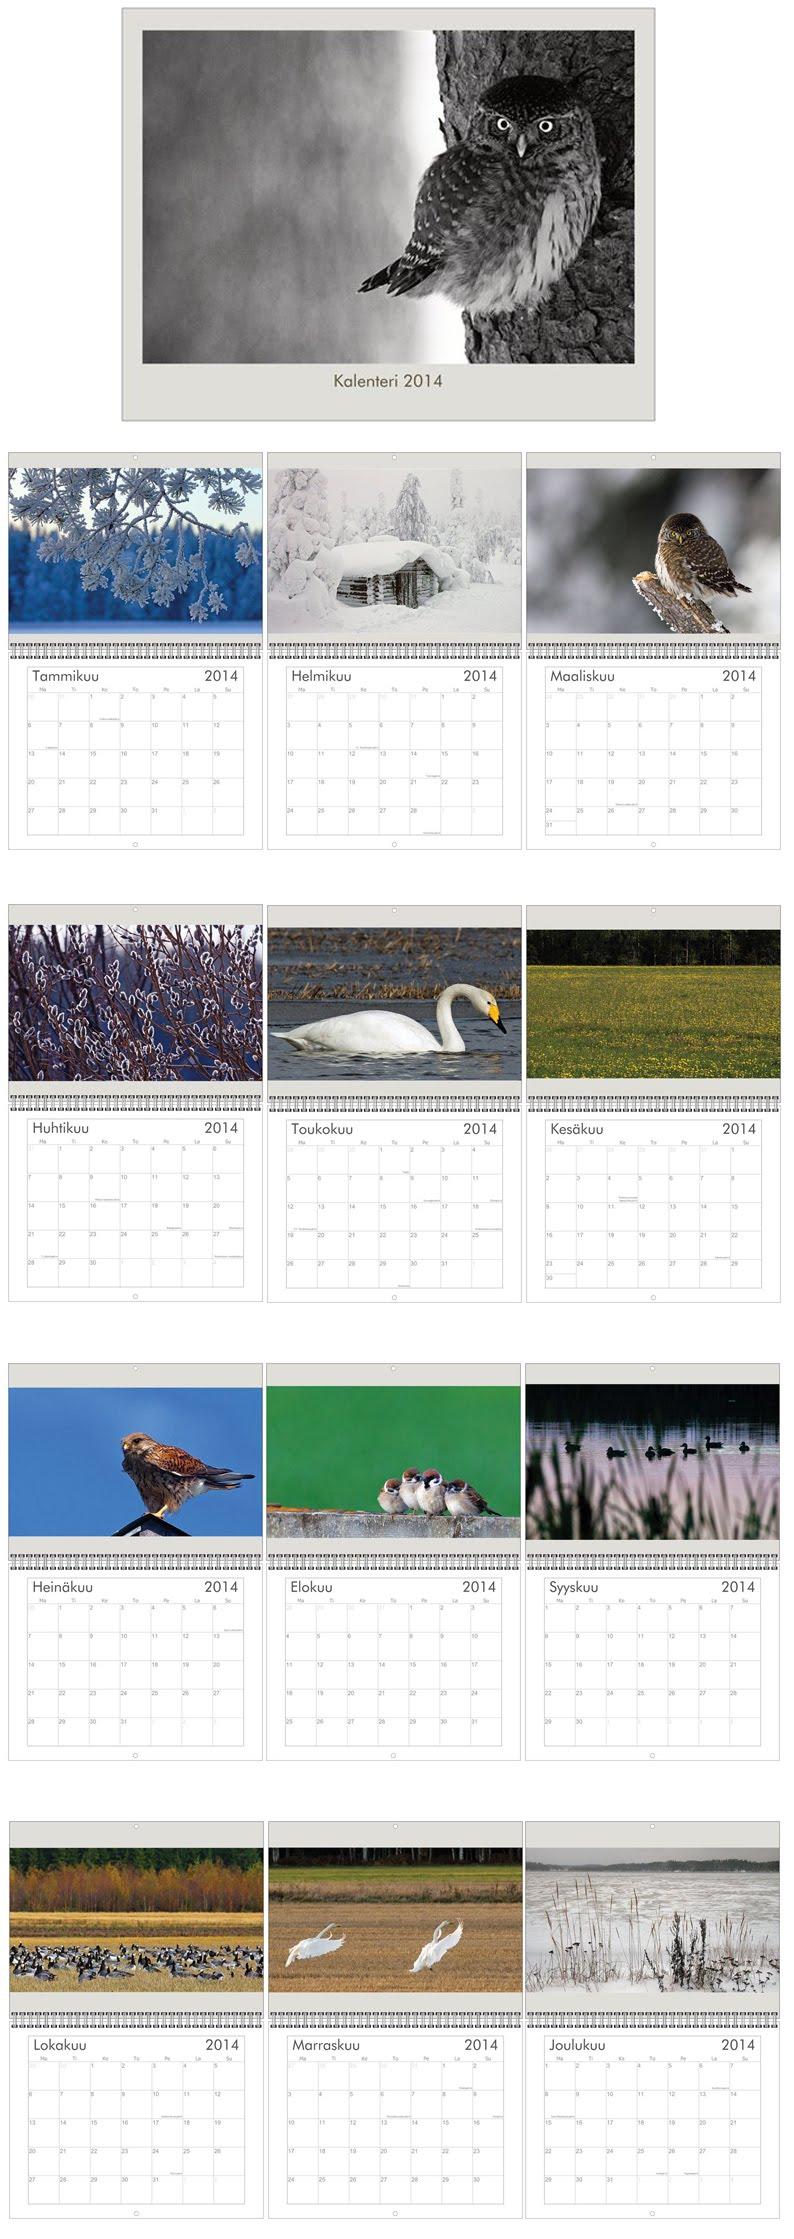 Kalenterikuvat 2014